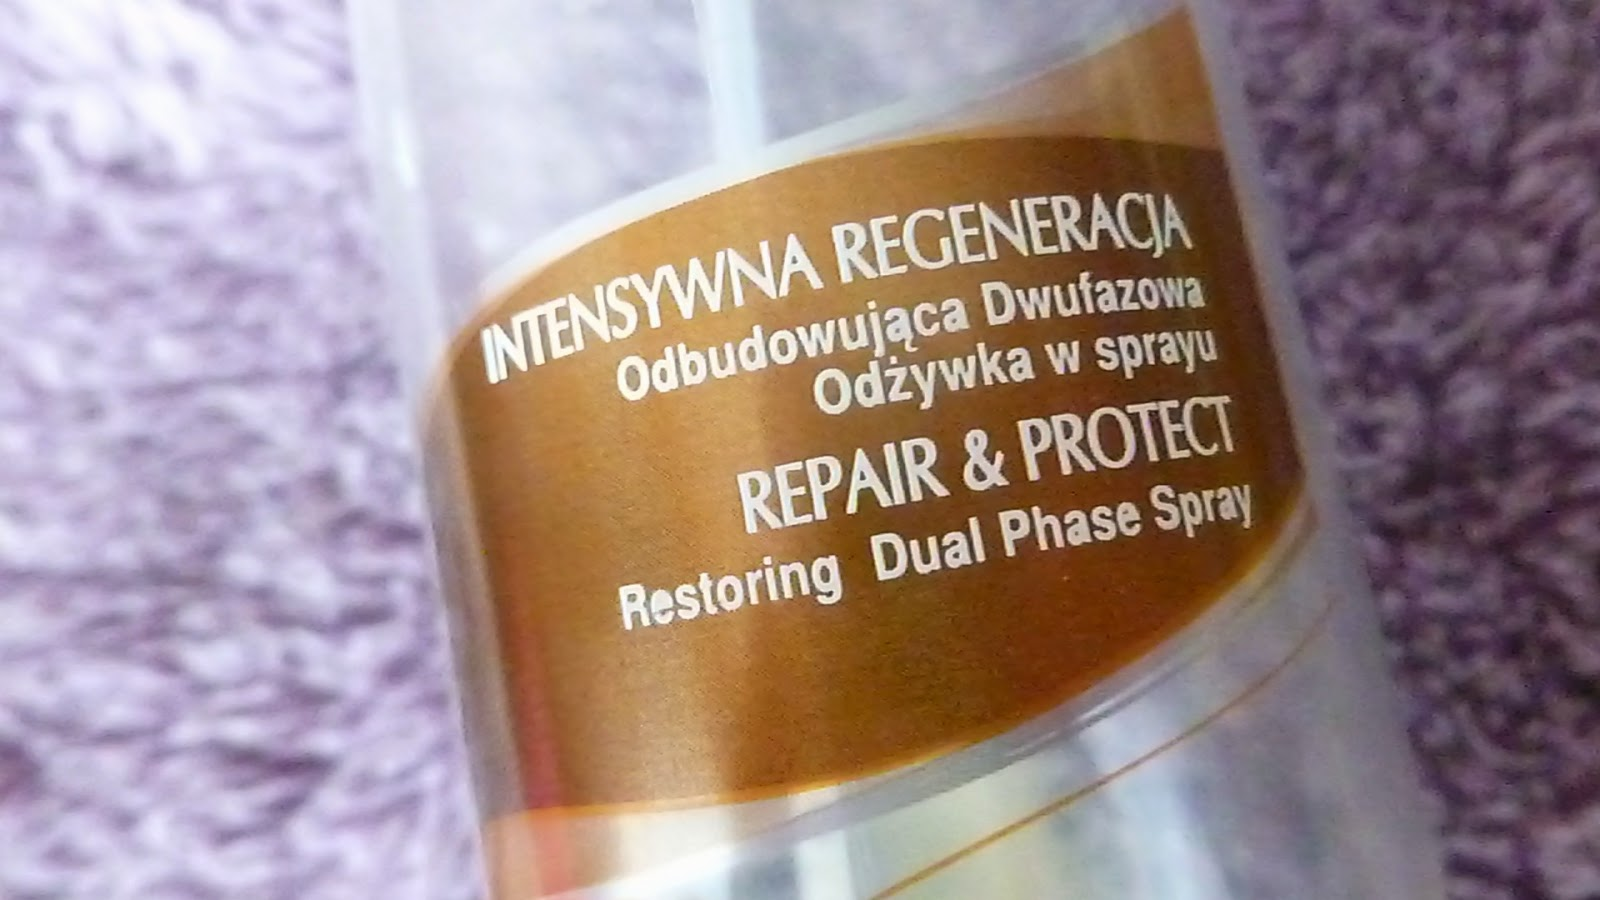 Odżywka w sprayu - Pantene Pro-V Intensywna Regeneracja